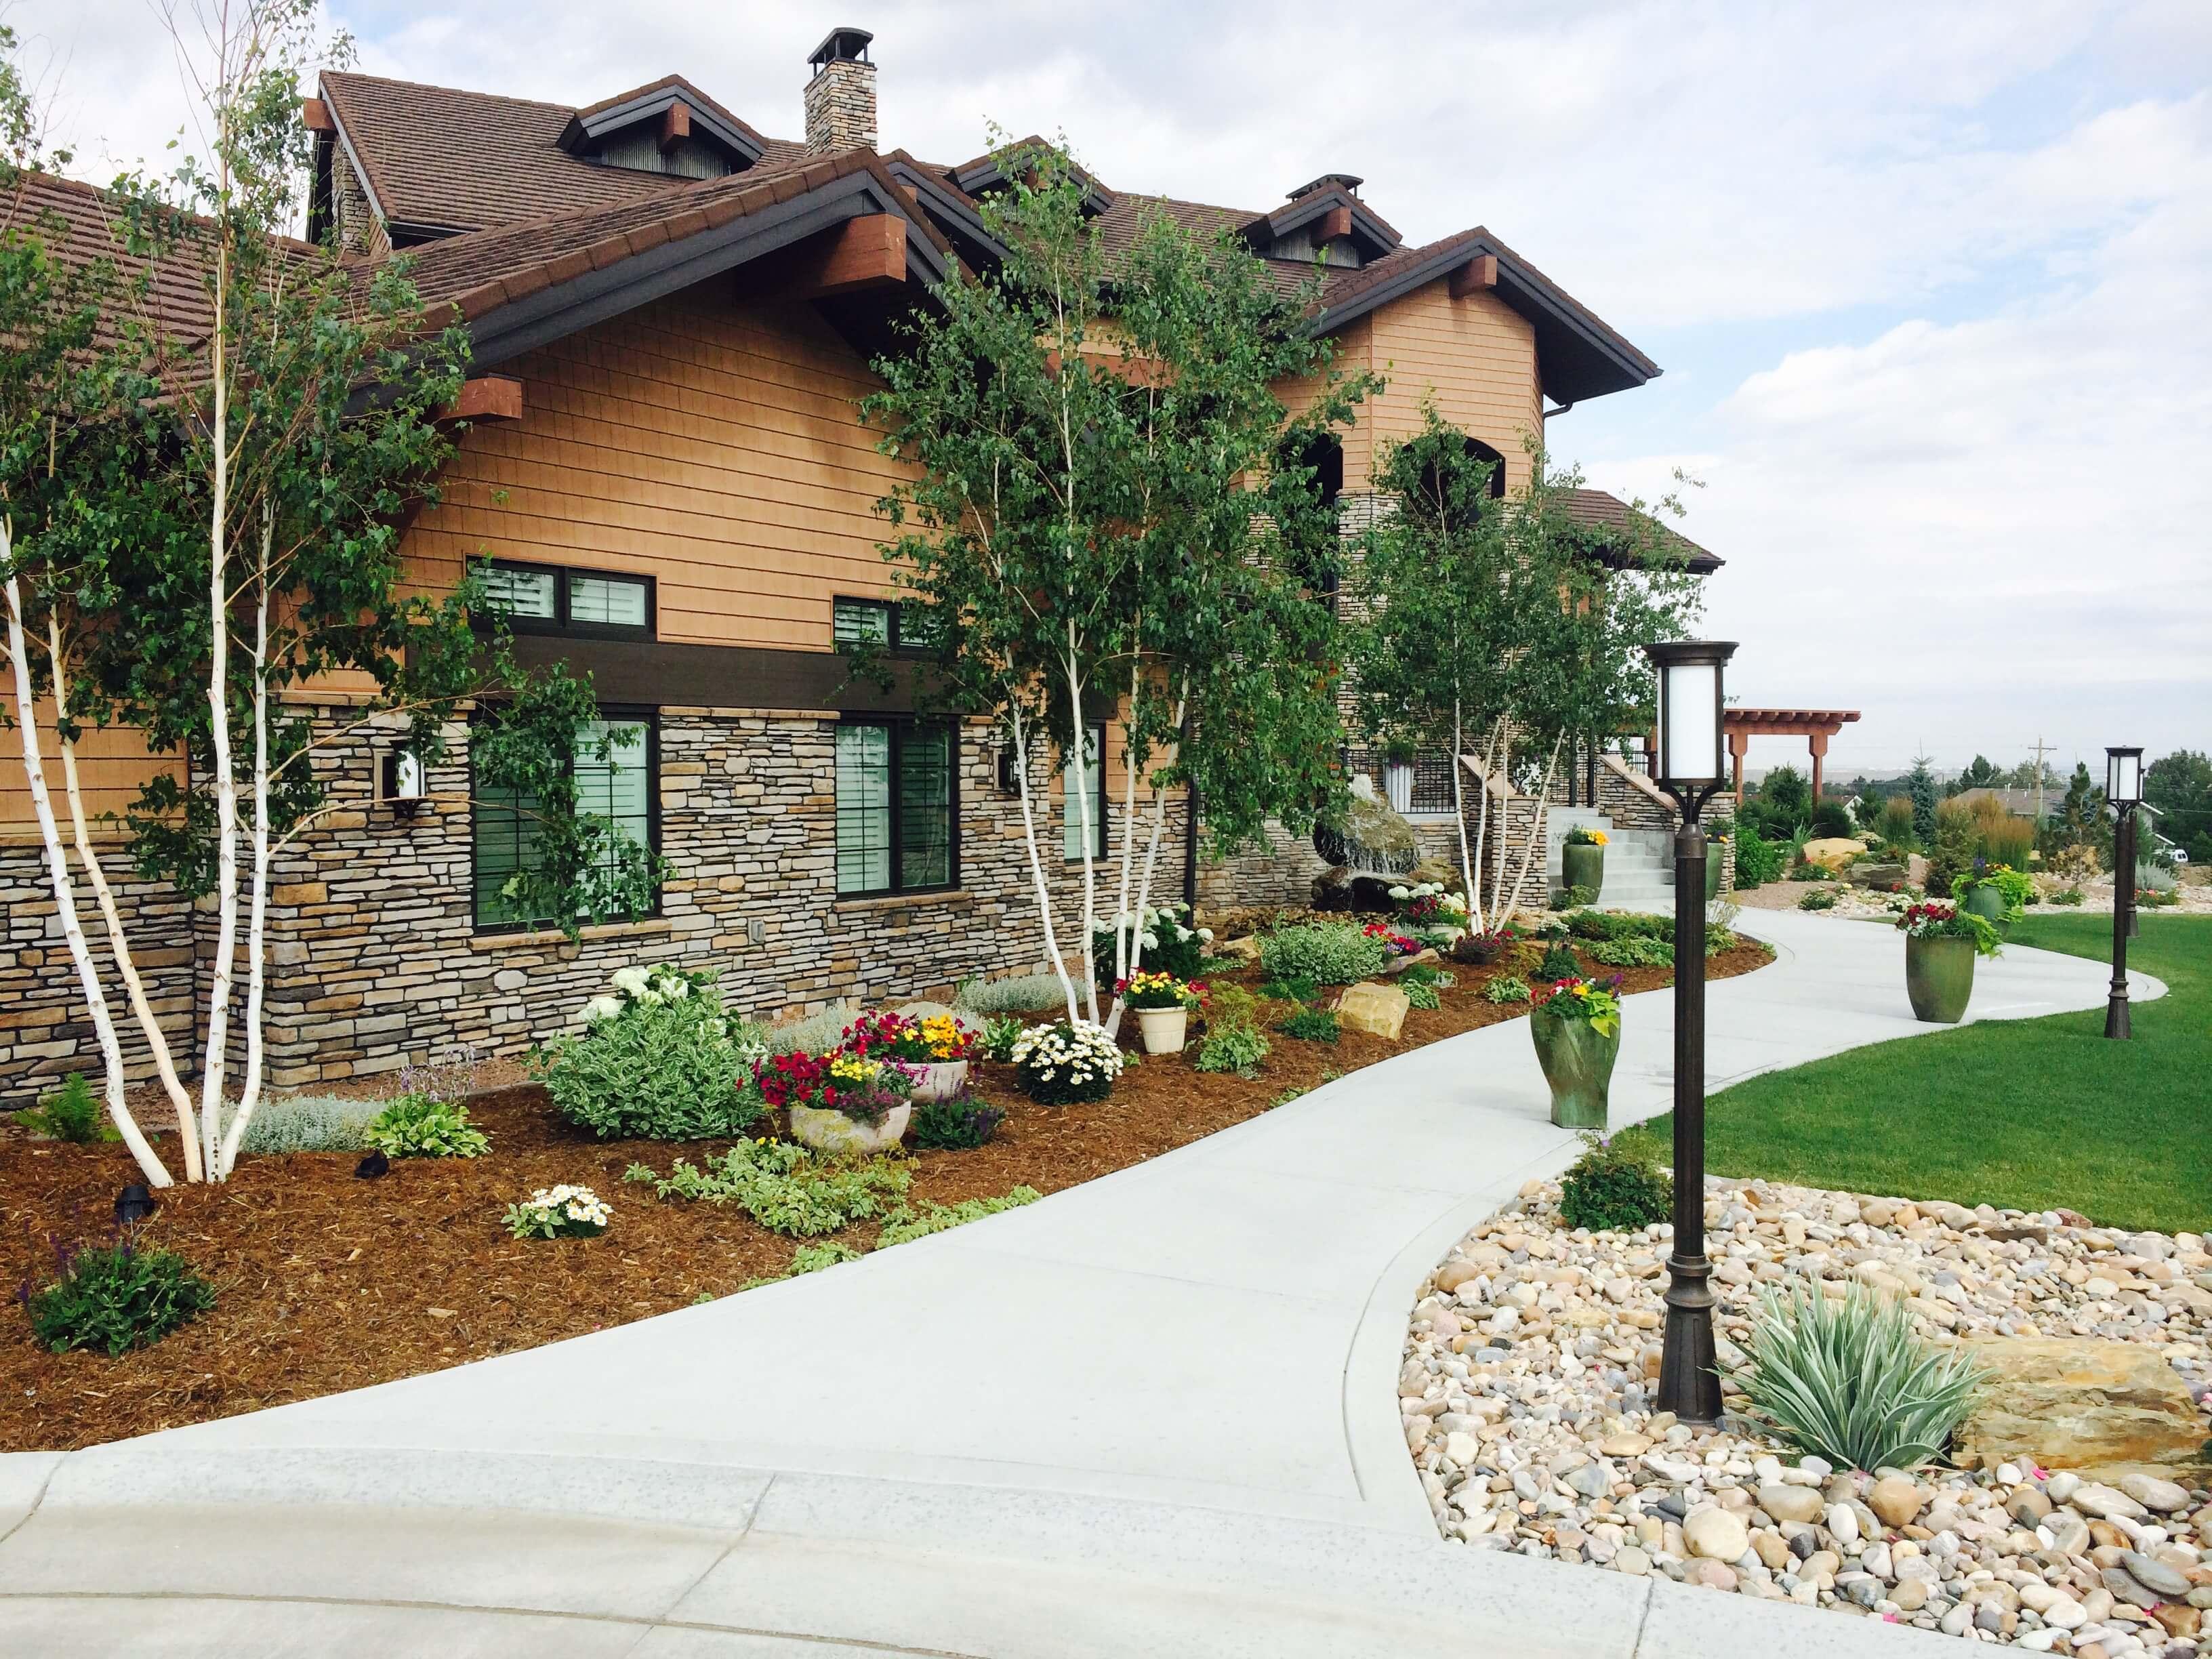 Commercial Landscape Designer